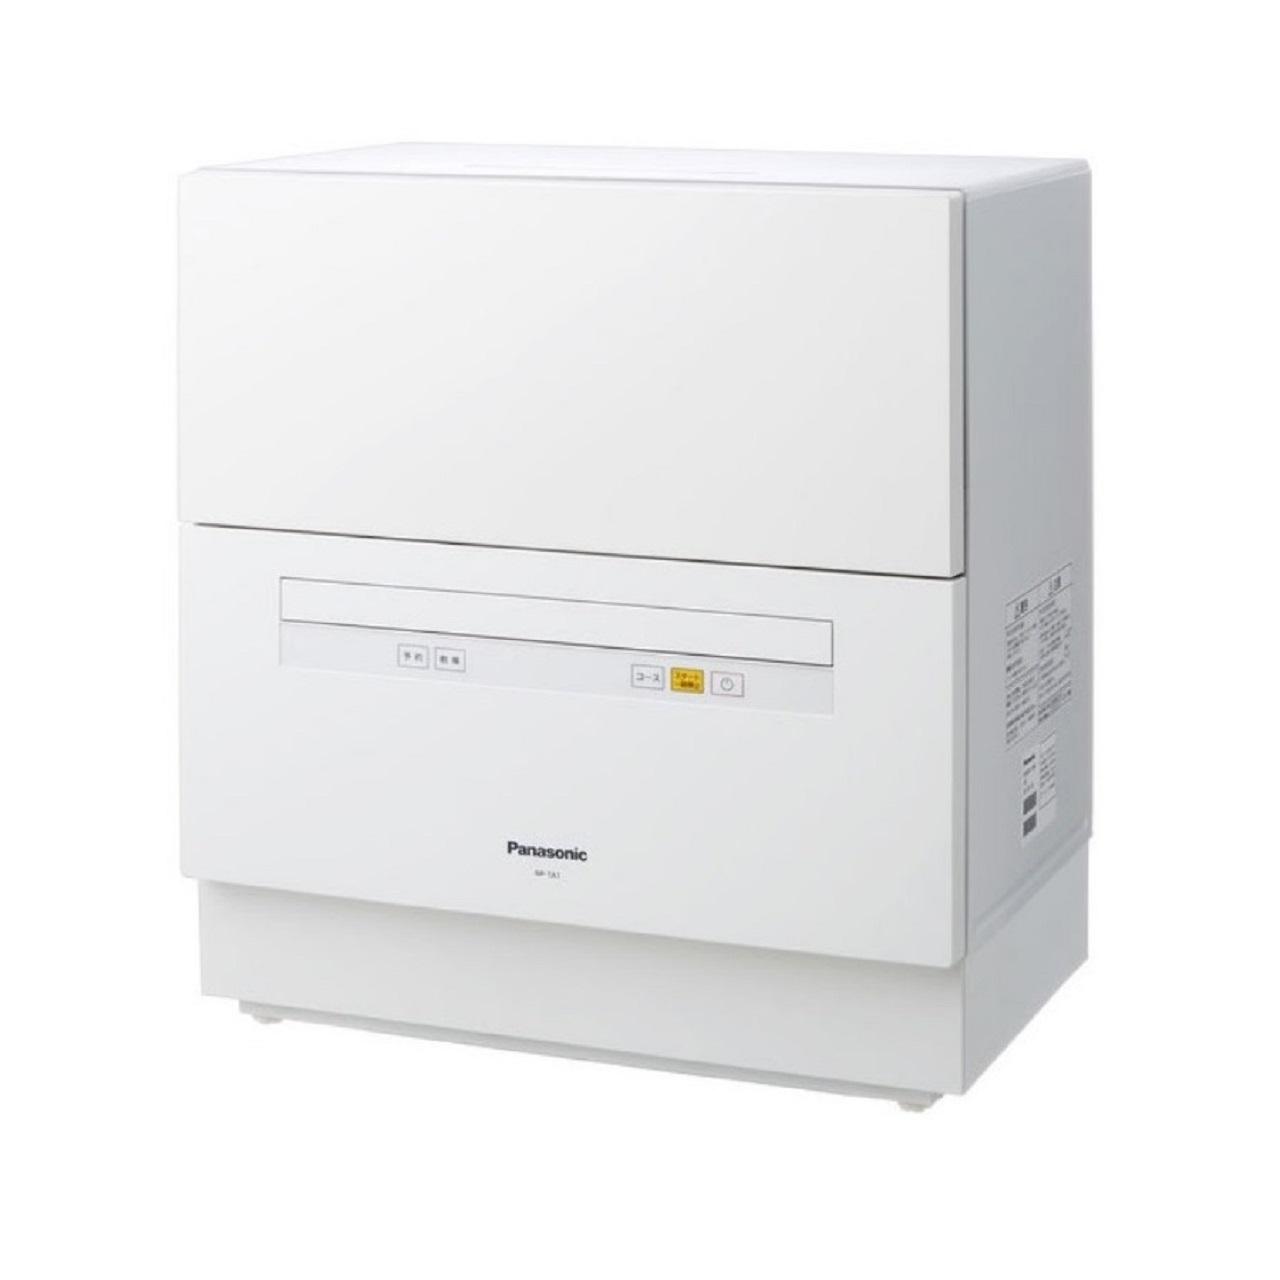 パナソニックNP-TA1食器洗い乾燥機